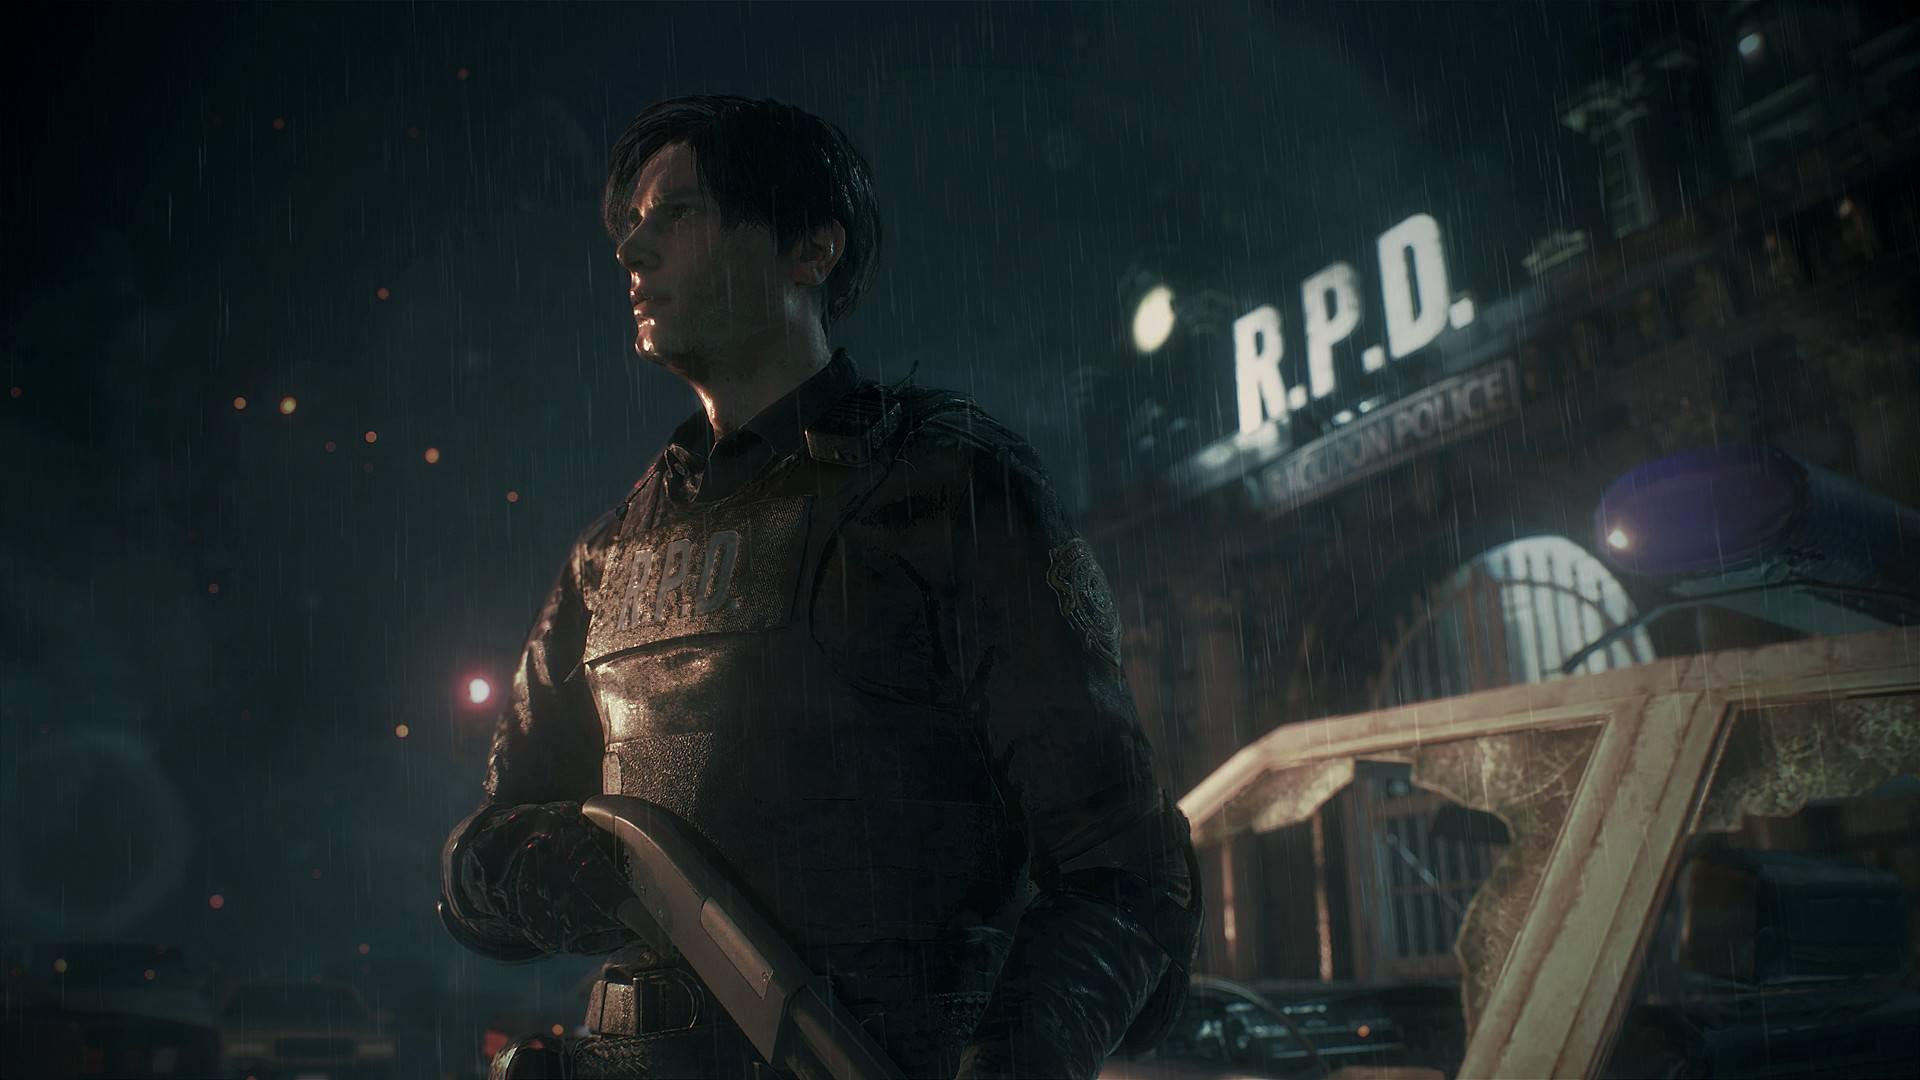 СМИ: Netflix запускает в производство сериал Resident Evil